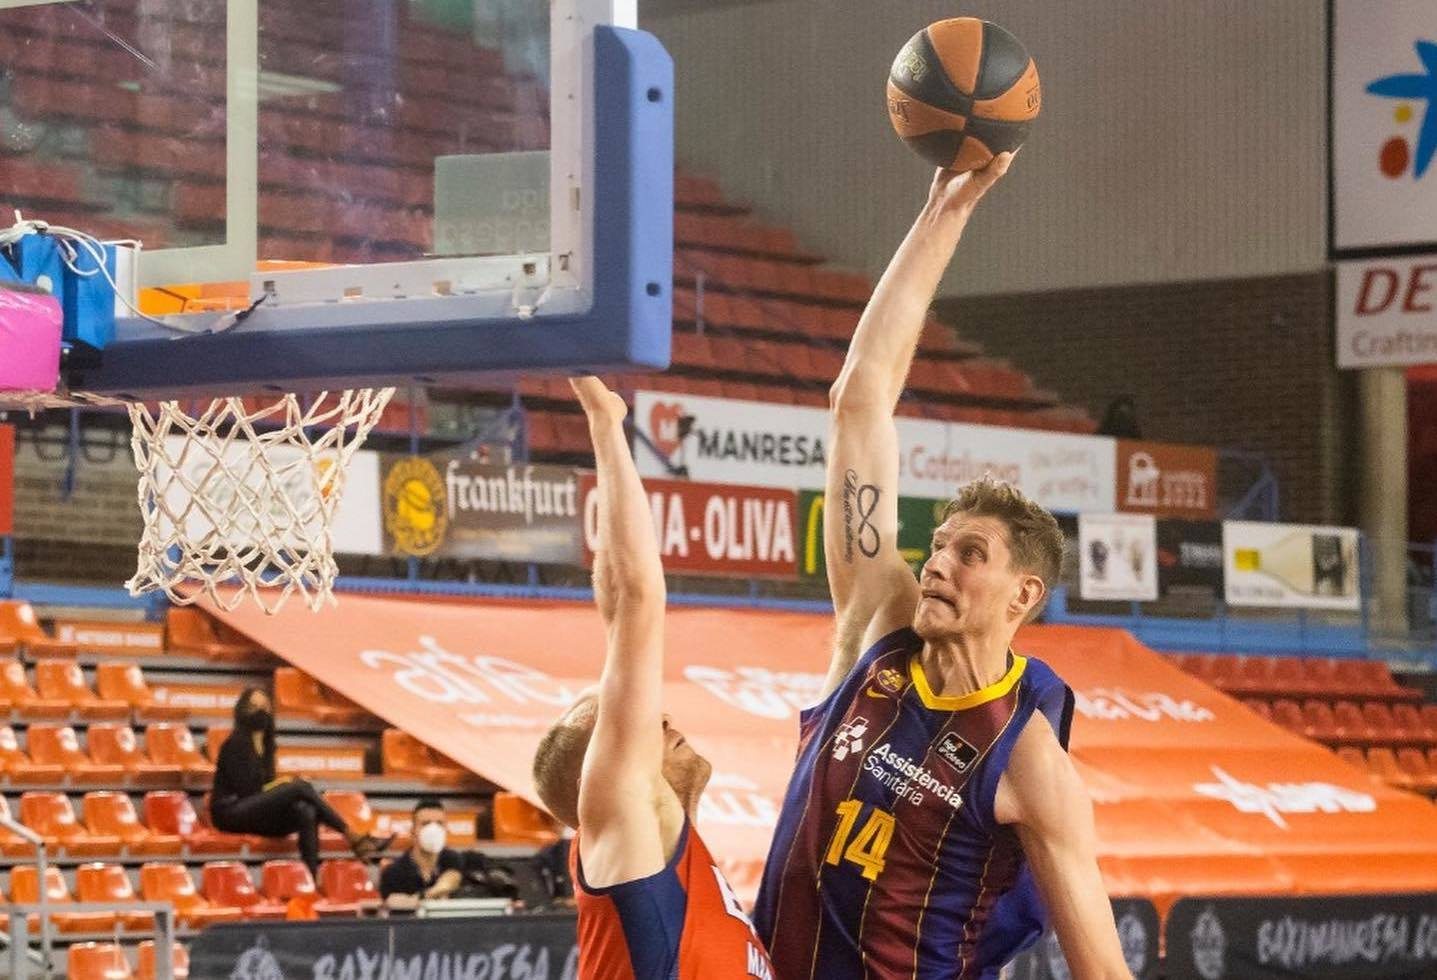 Артем Пустовий провів вдалий матч у чемпіонаті Іспанії